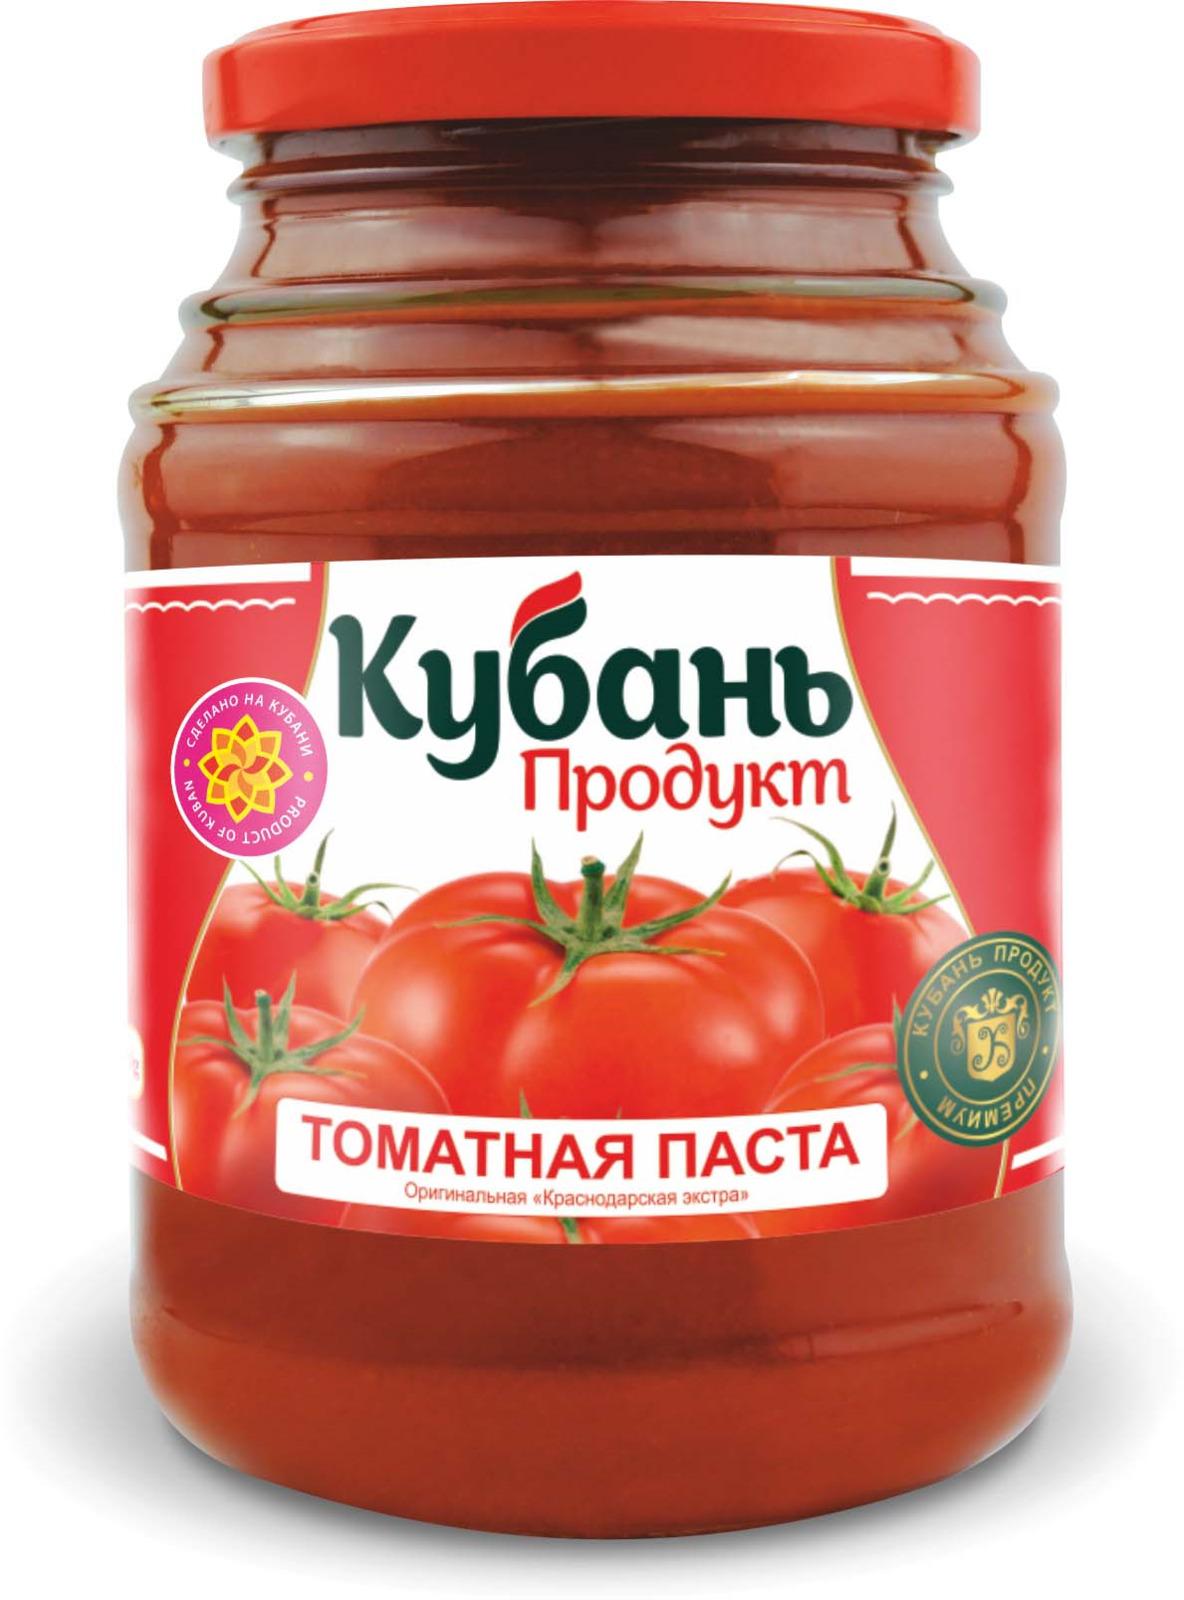 Кубань Продукт паста томатная, 280 г тони моли томатная